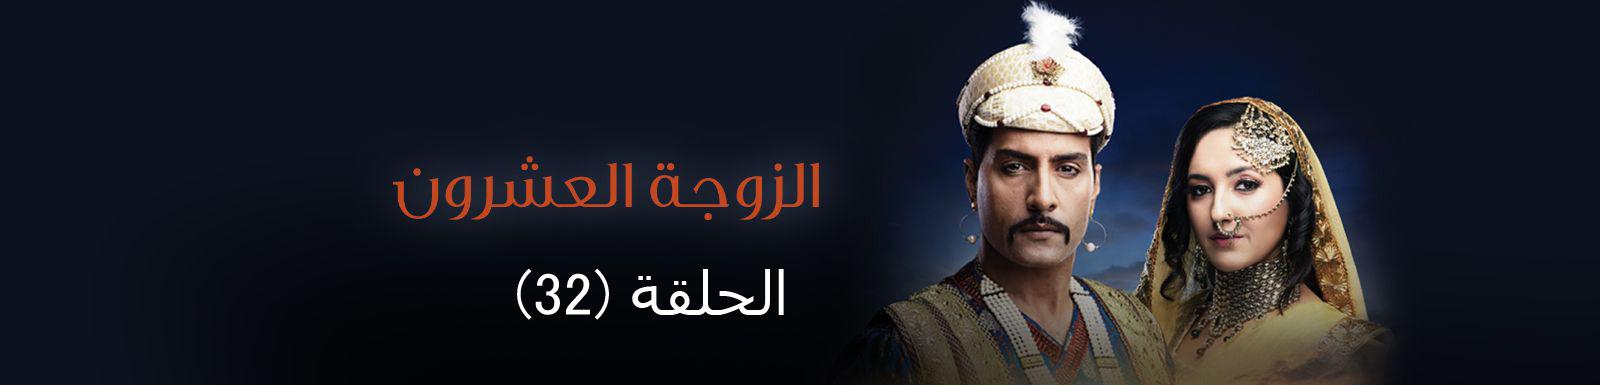 شاهد مسلسل الزوجة العشرون الحلقة 32 مدبلج!!